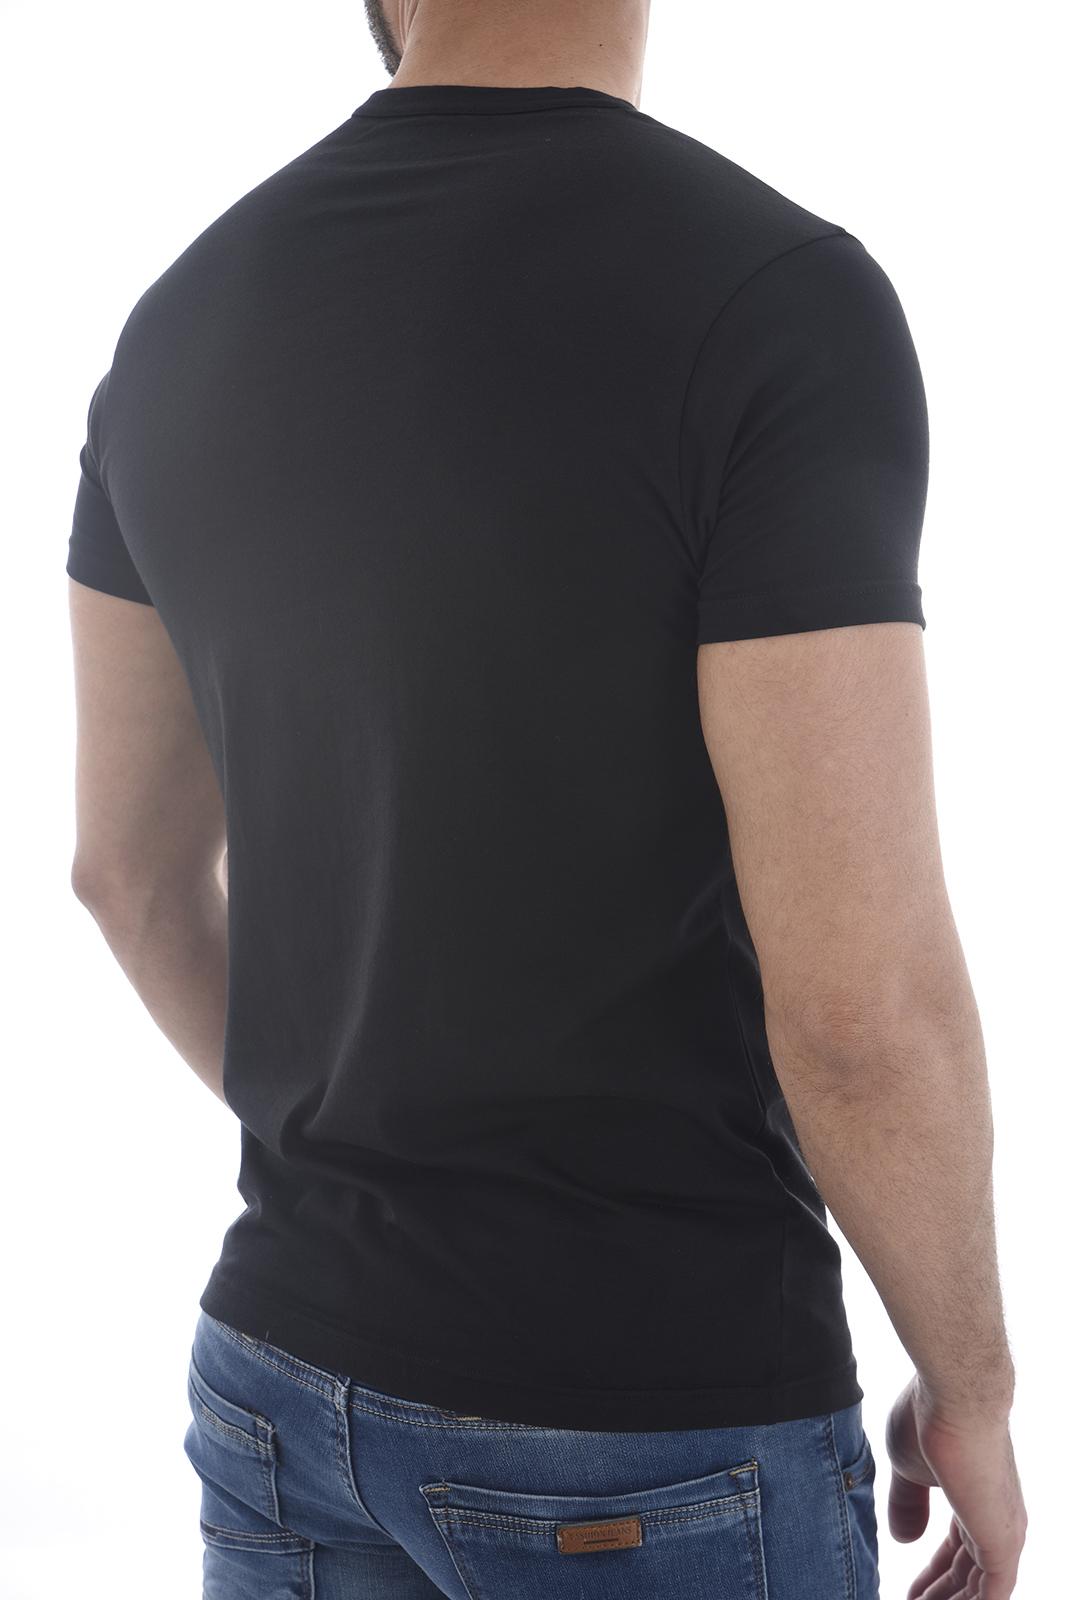 Tee-shirts  Emporio armani 111267 CC715 07320 NERO/NERO